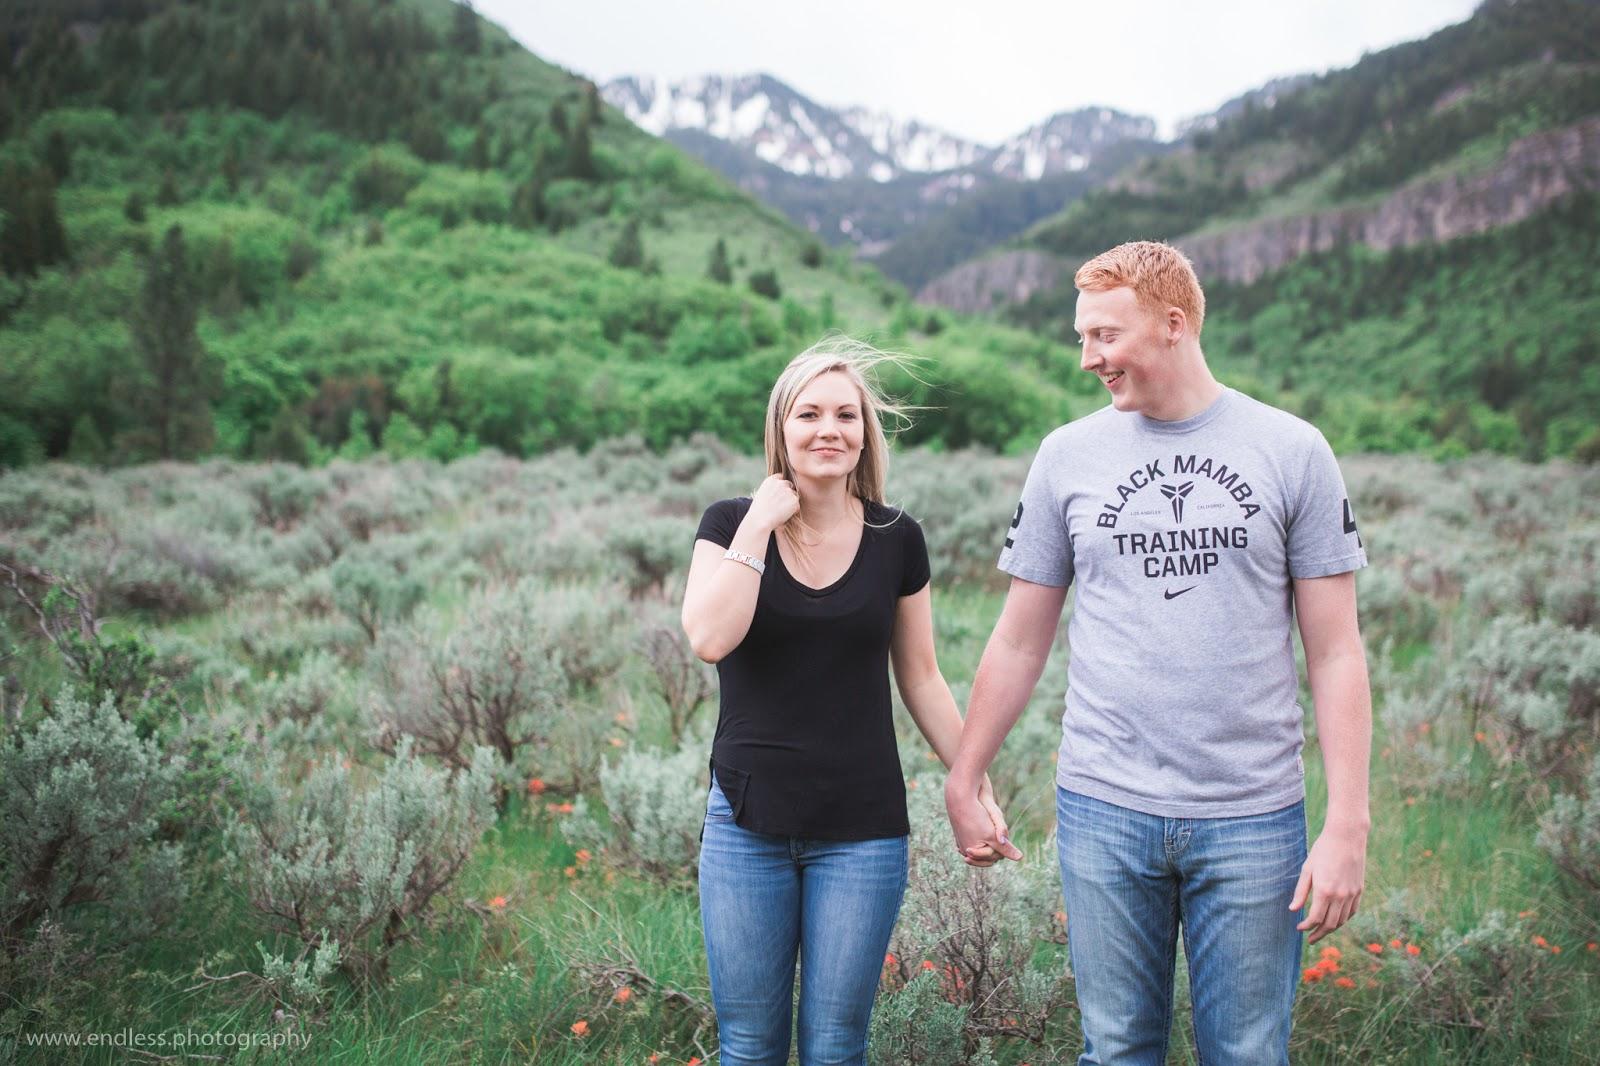 Logan Utah Wedding Photographer, Logan Canyon Engagements, Photography, Photographer, Wedding, Couple, Spring, Engagements